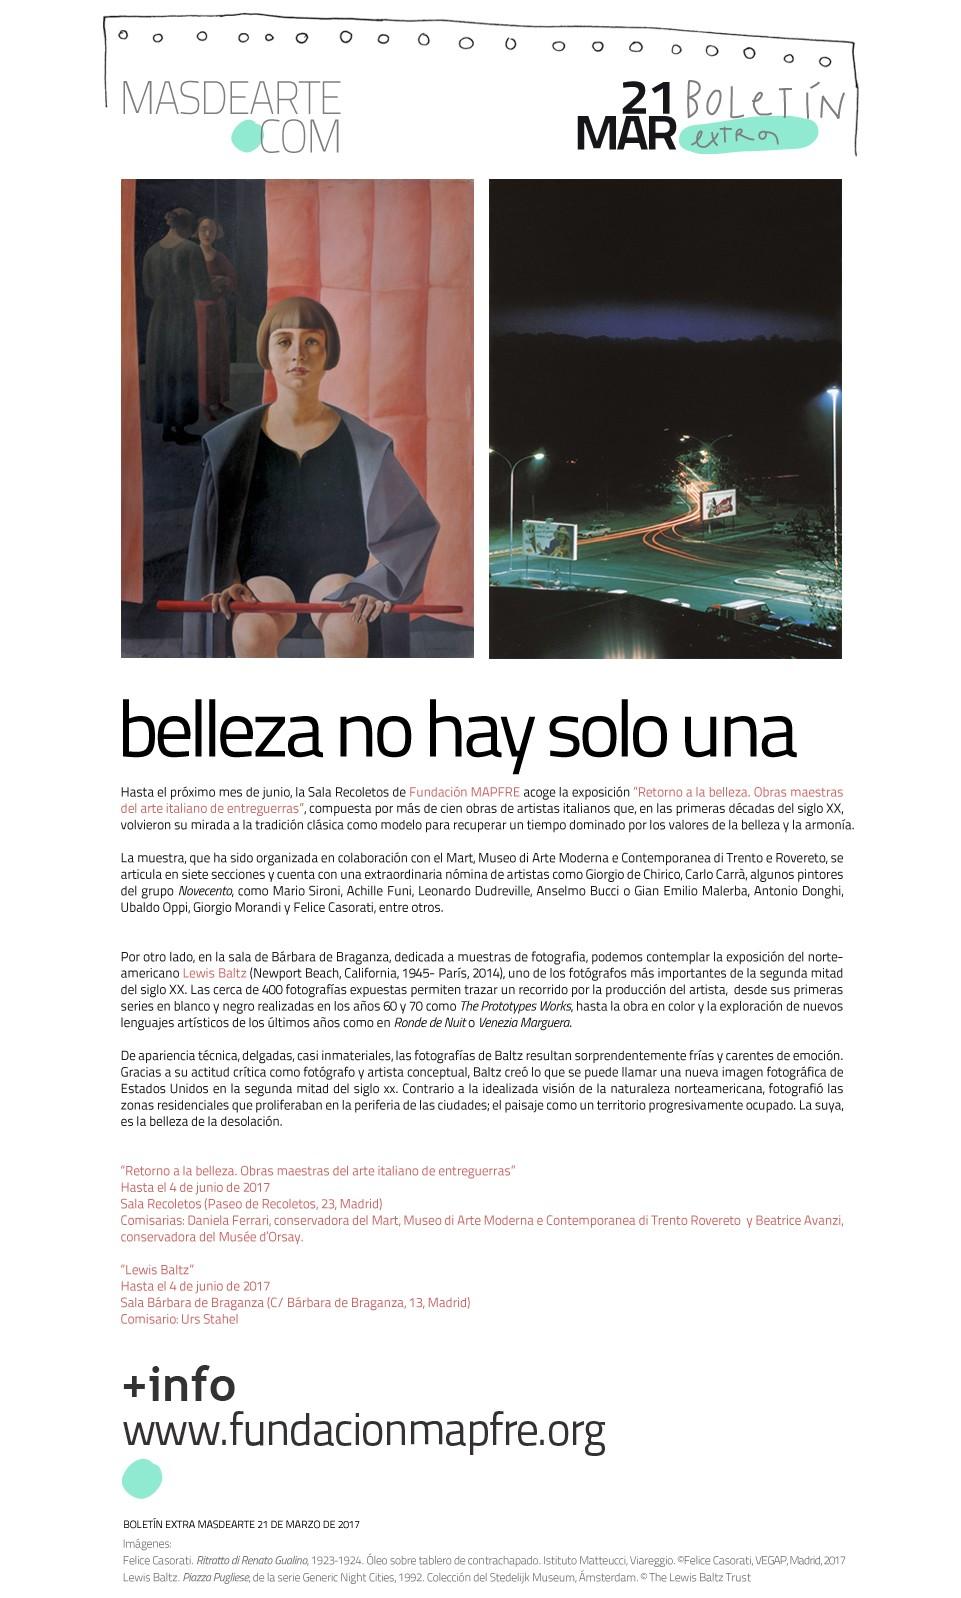 Exposiciones en las salas de Fundación MAPFRE en Madrid:  Retorno a la belleza. Obras maestras del arte italiano de entreguerras y Lewis Baltz. Abiertas hasta el 4 de junio de 2017